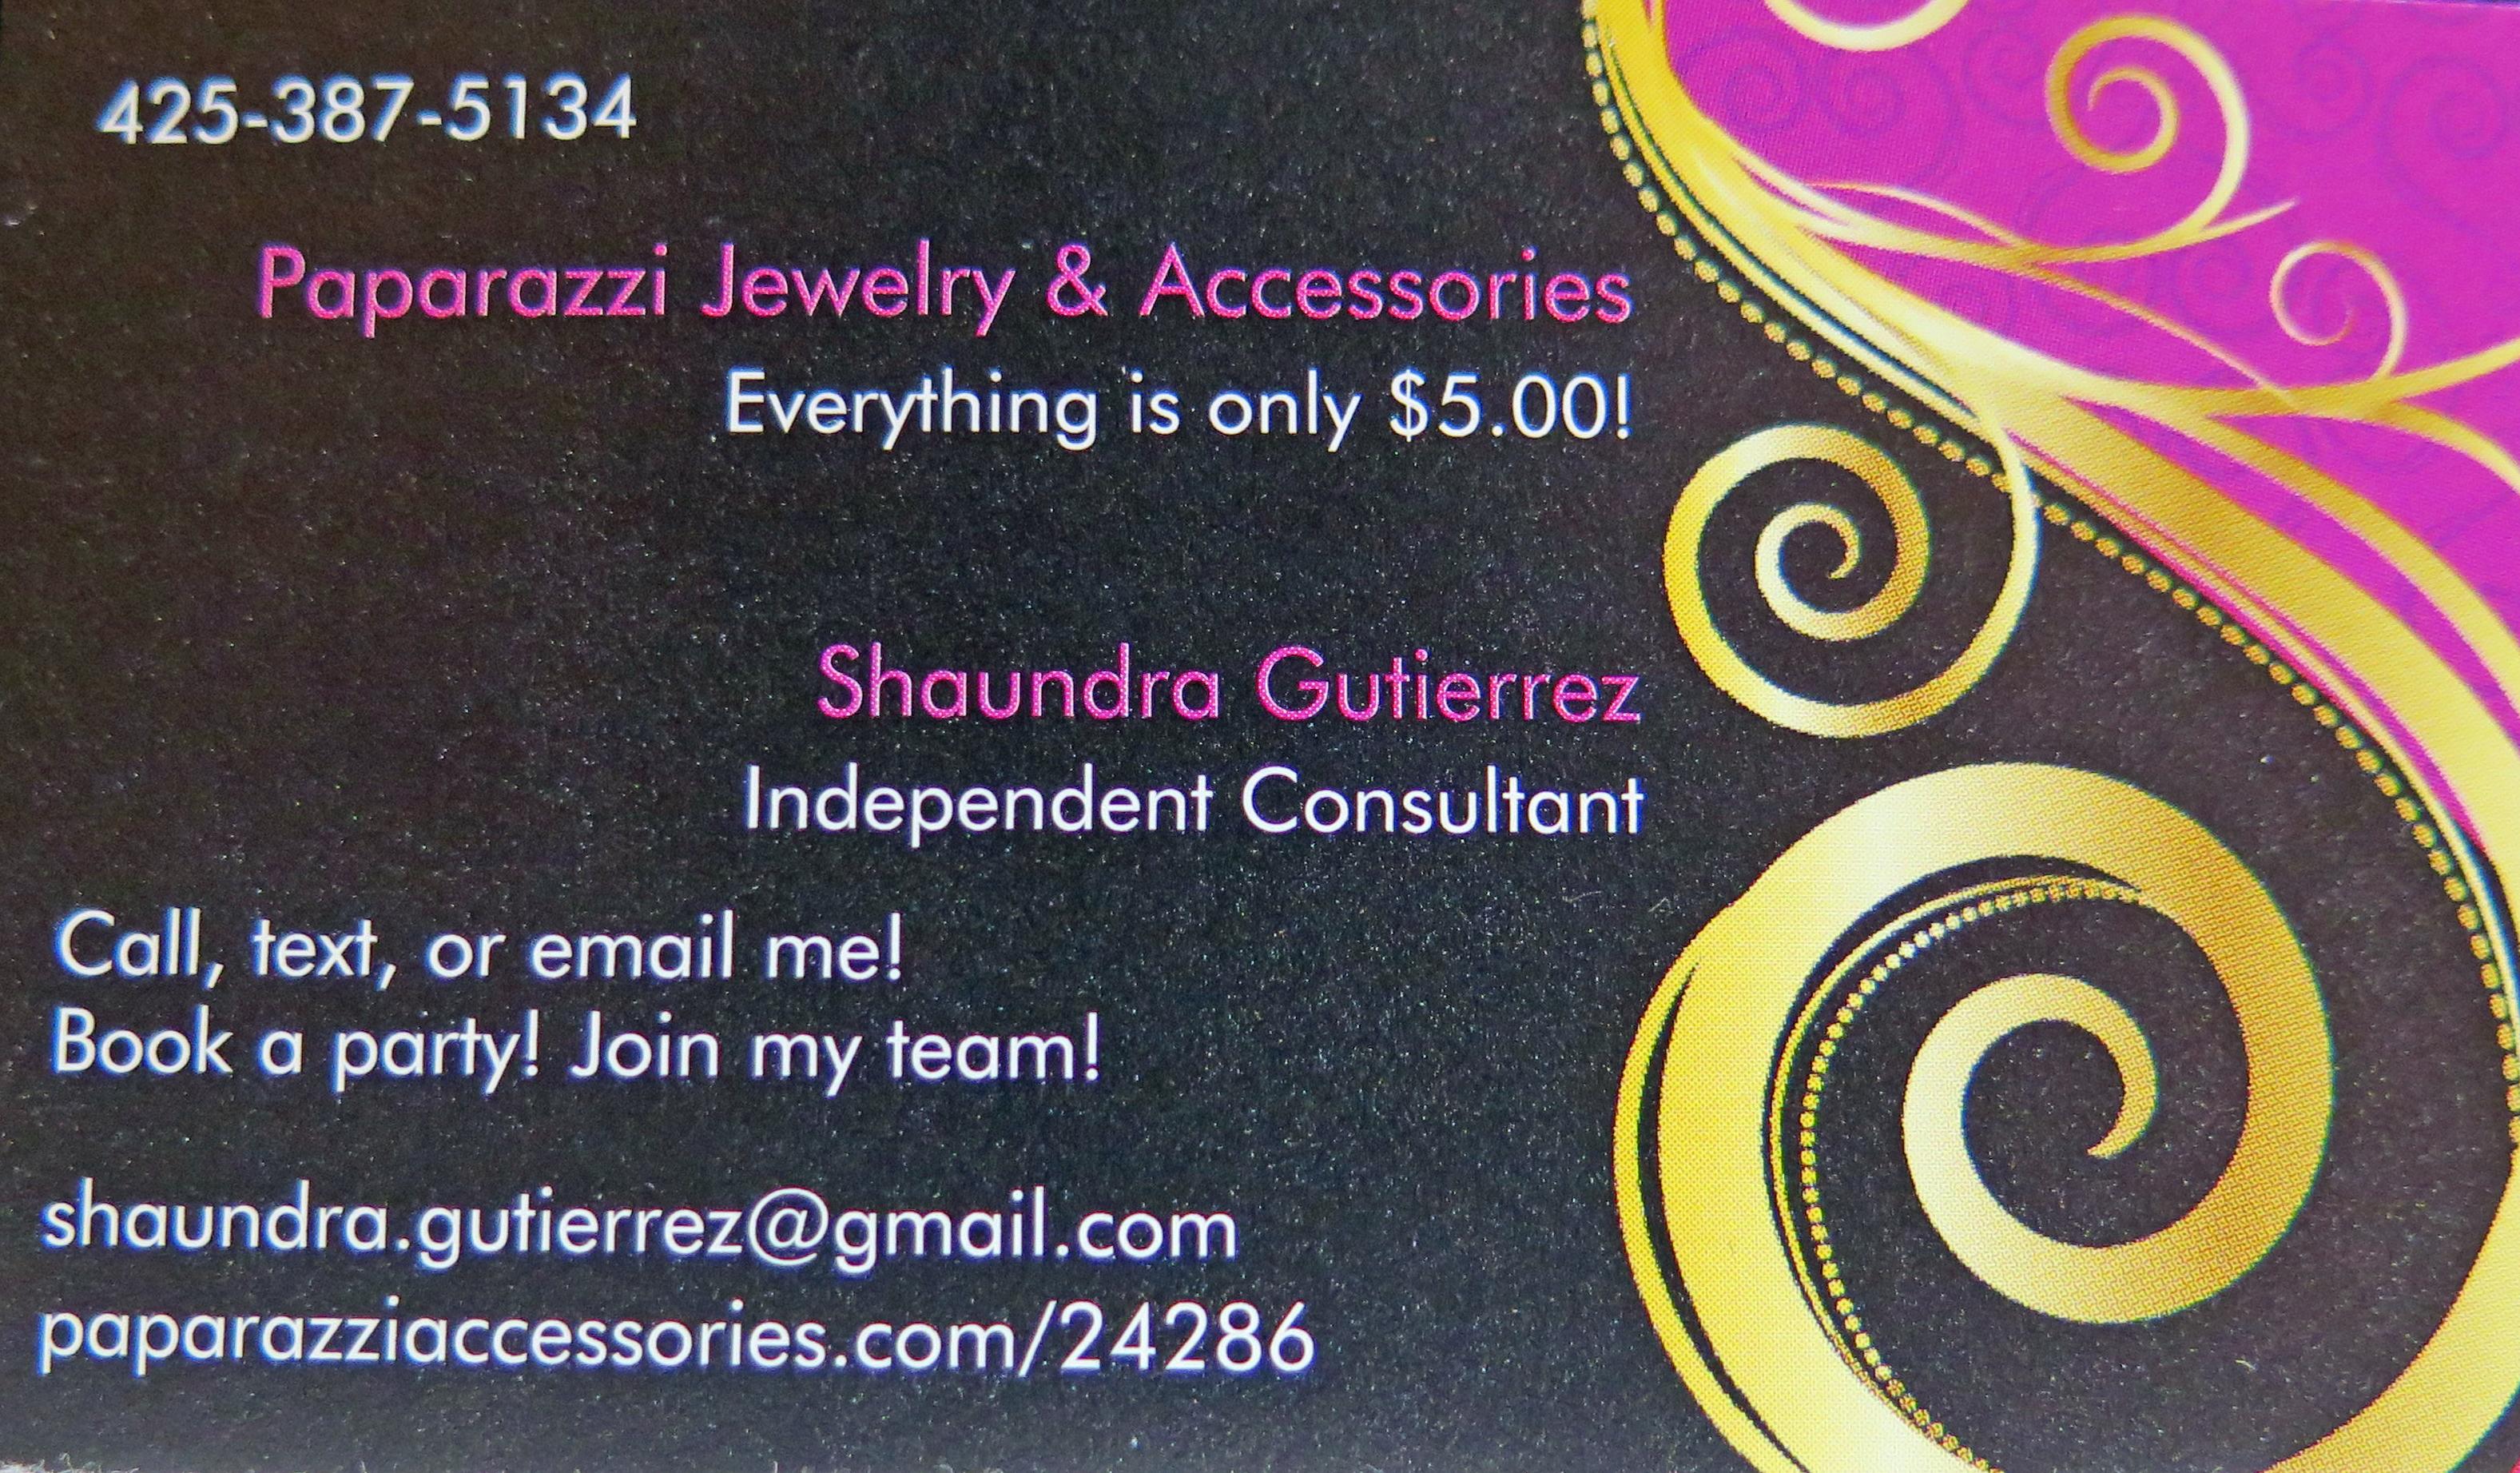 Shaundra Gutierrez, Paprazzi Jewelry